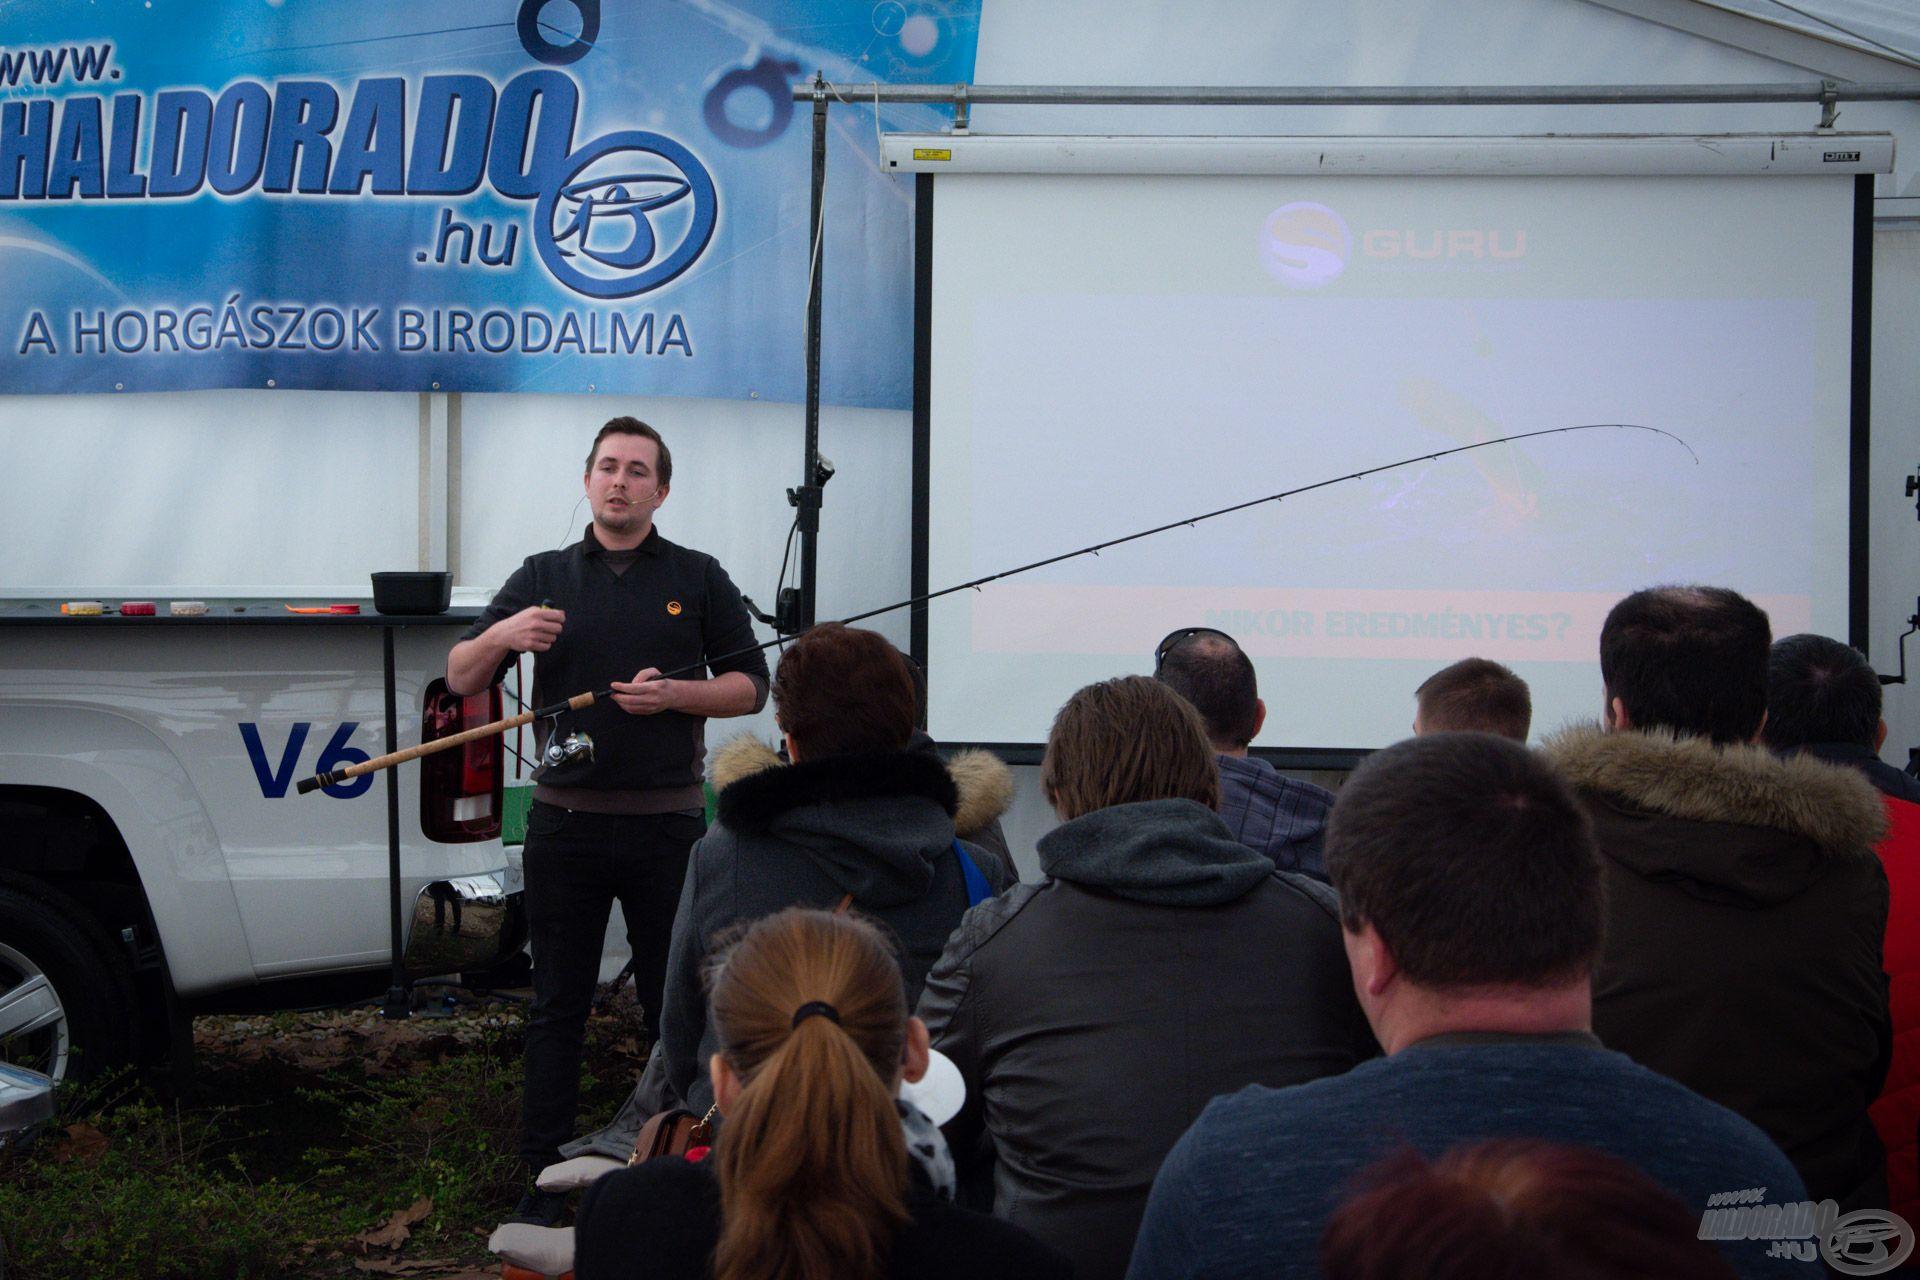 Lőrinczi Levente Magor a bomb fishing technikáról tartott előadást